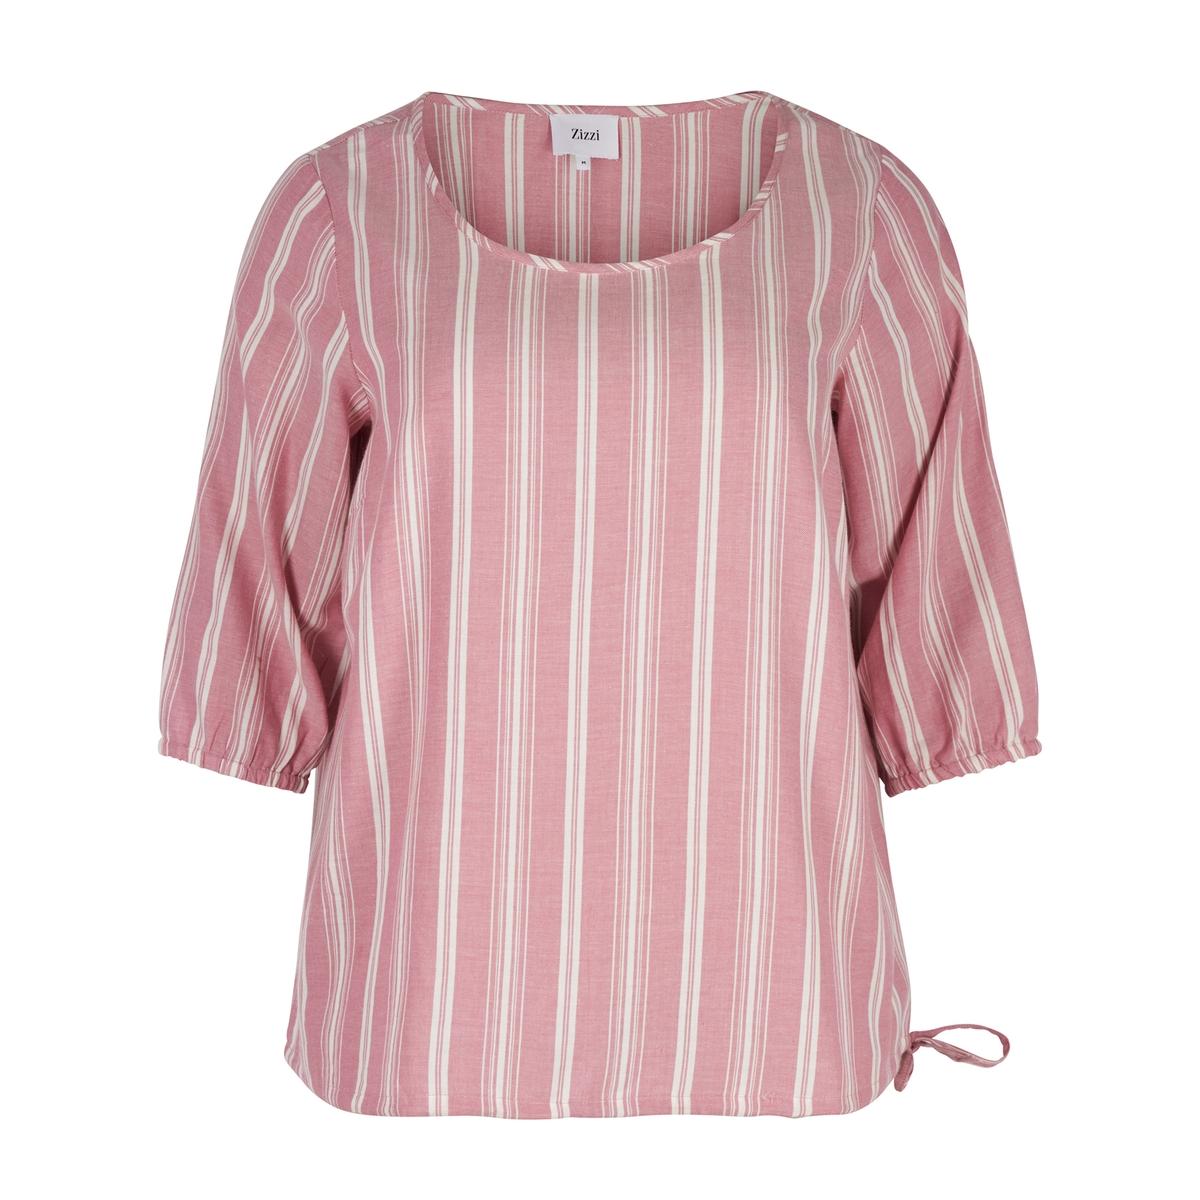 Блузка с рисунком в полоску, круглым вырезом и рукавами 3/4 рубашка с круглым вырезом и рисунком в горошек